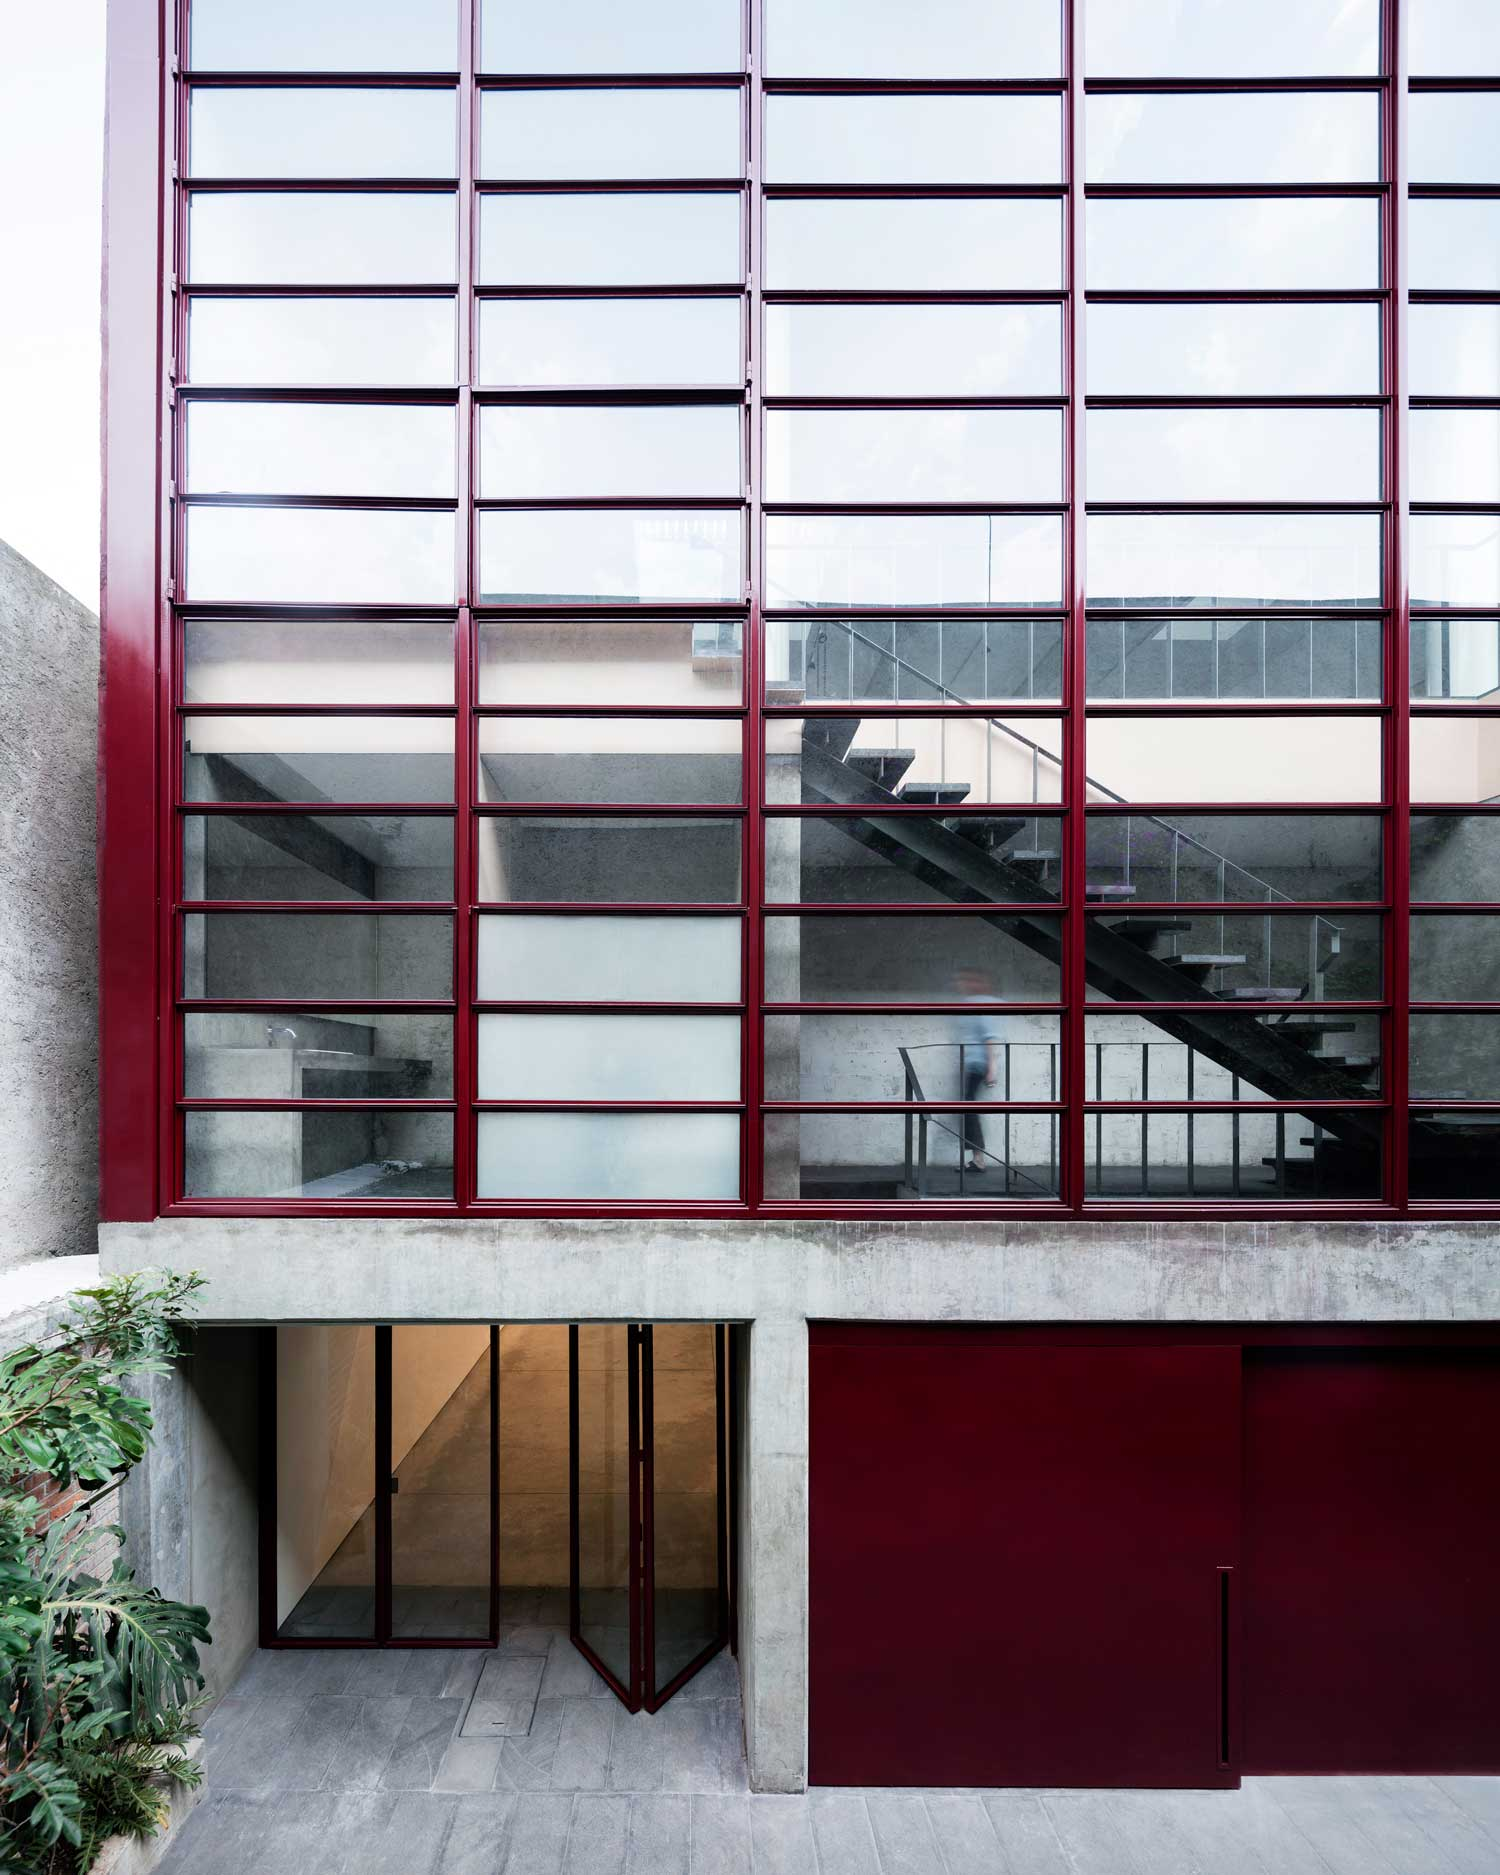 Galería OMR in Mexico City by Mateo Riestra, José Arnaud-Bello & Max von Werz   Yellowtrace